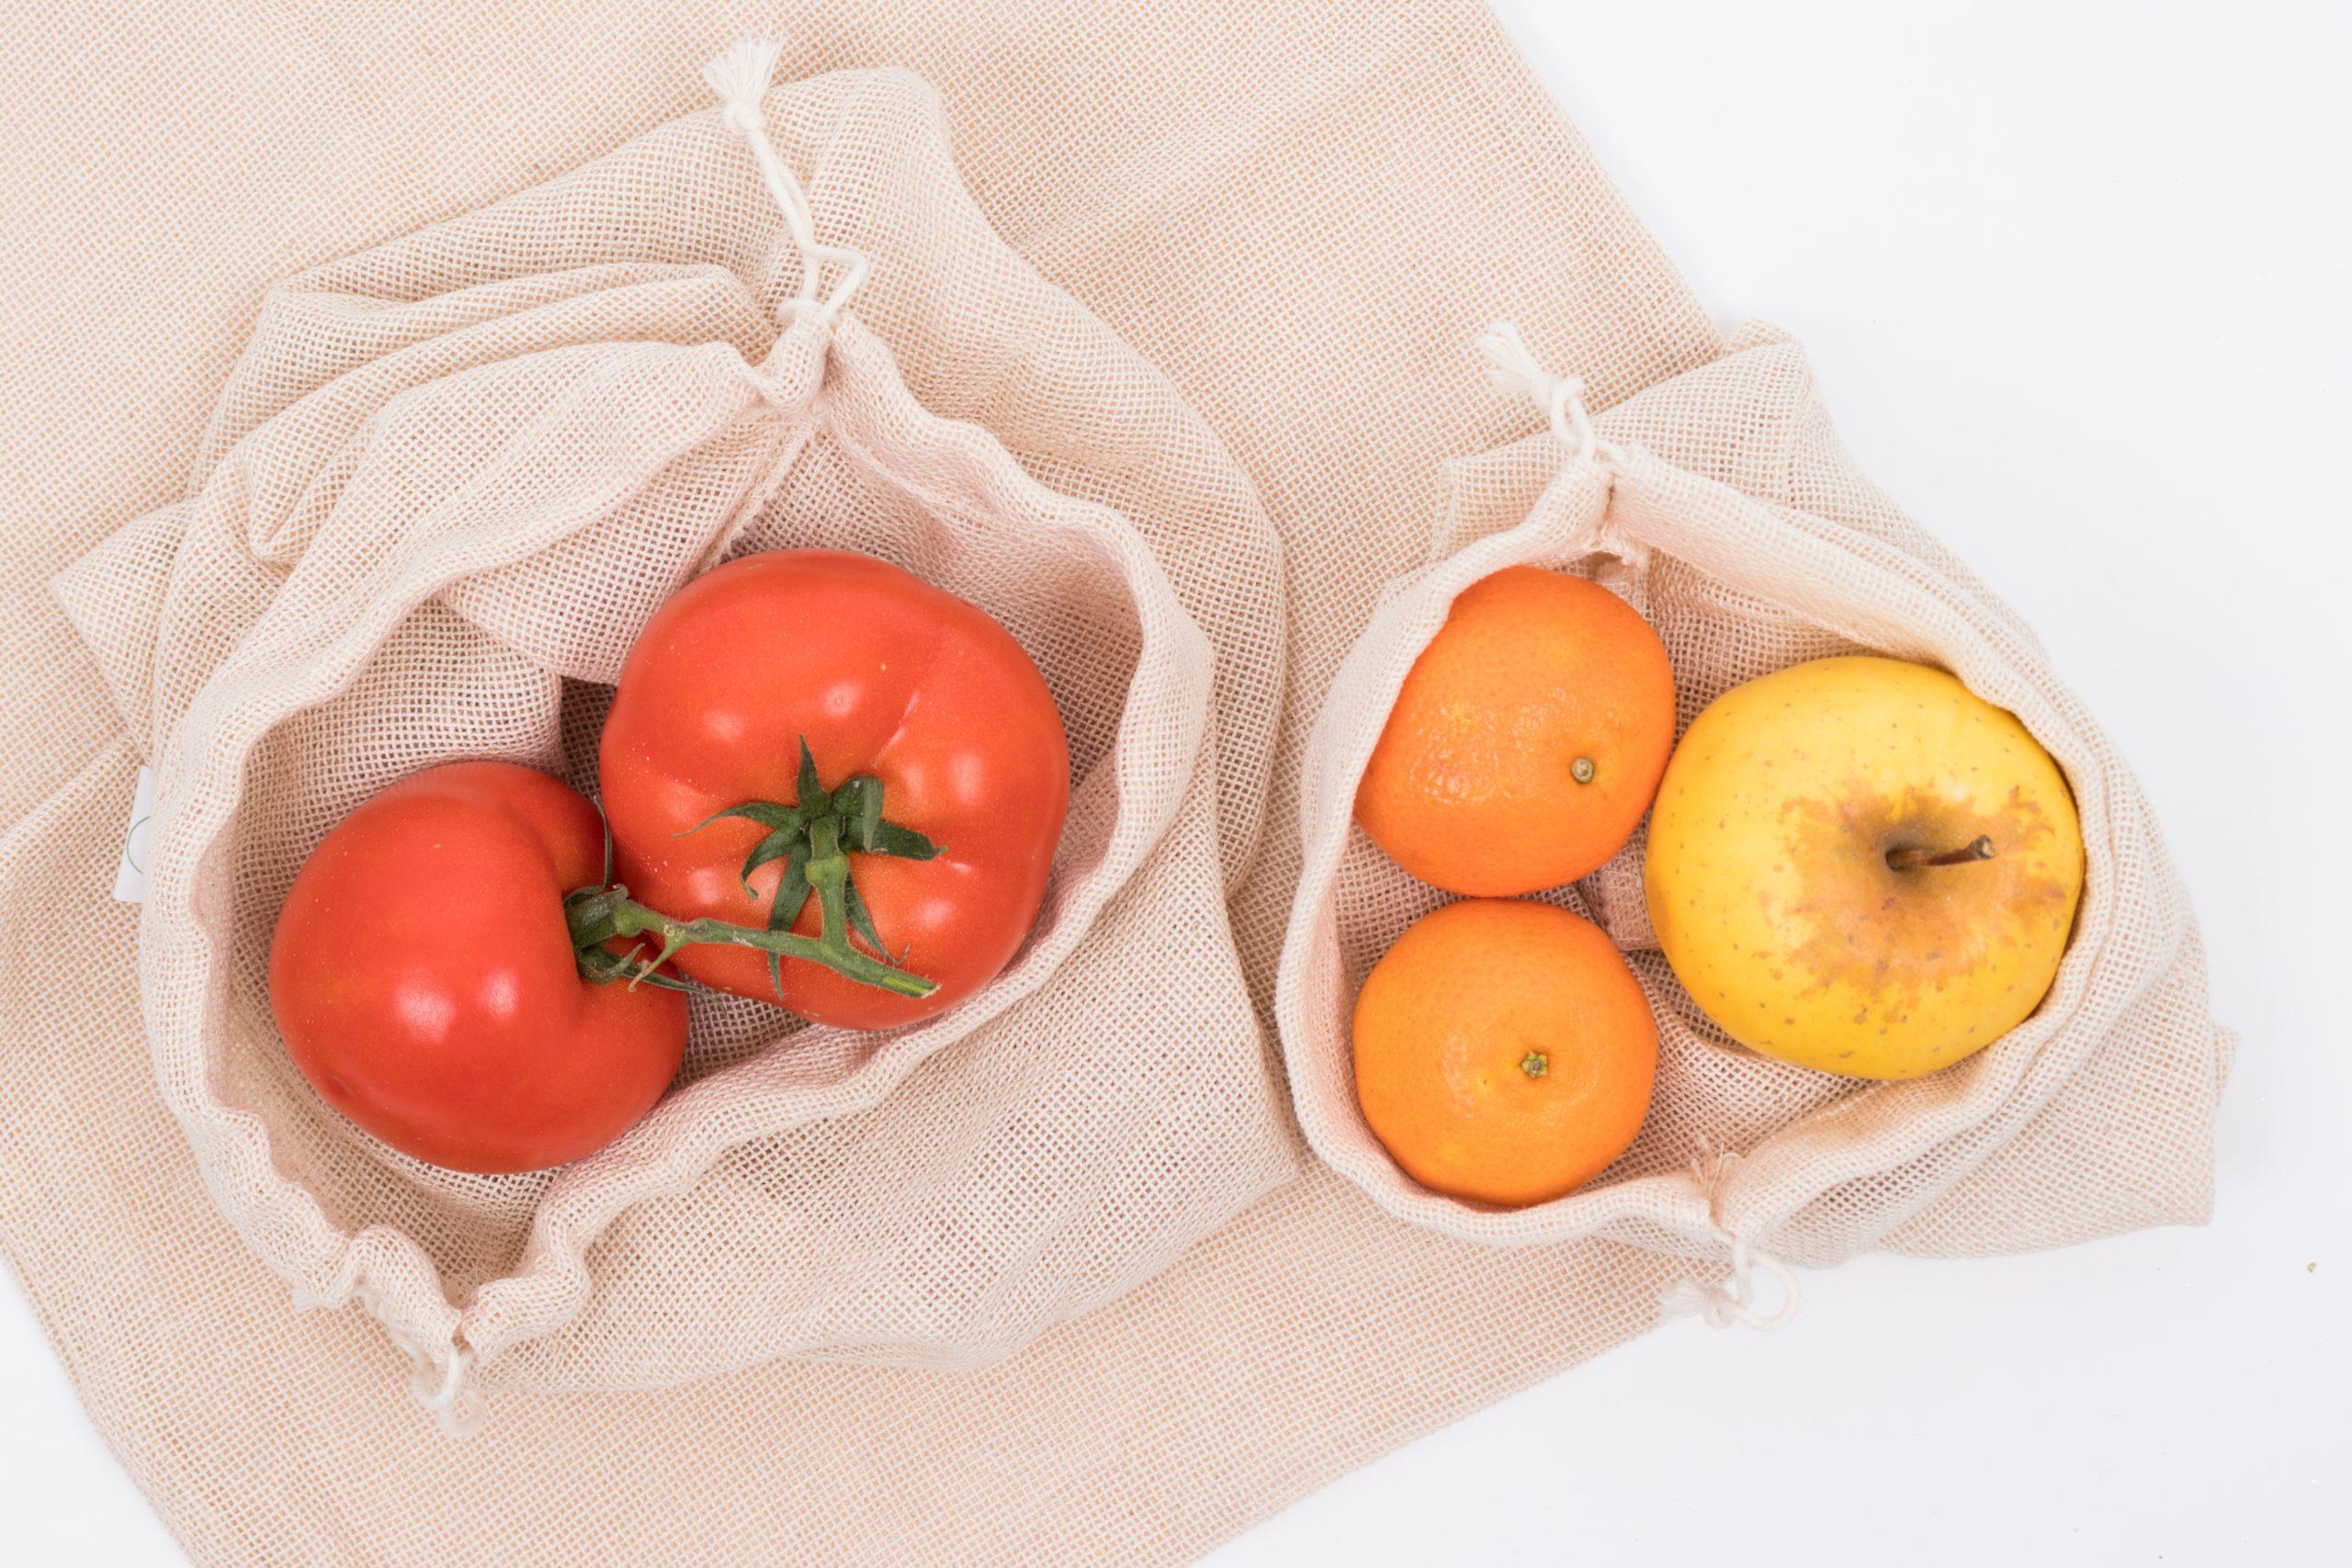 Домати, мандарин и ябълка сложени в мрежести памучни торби за пазаруване